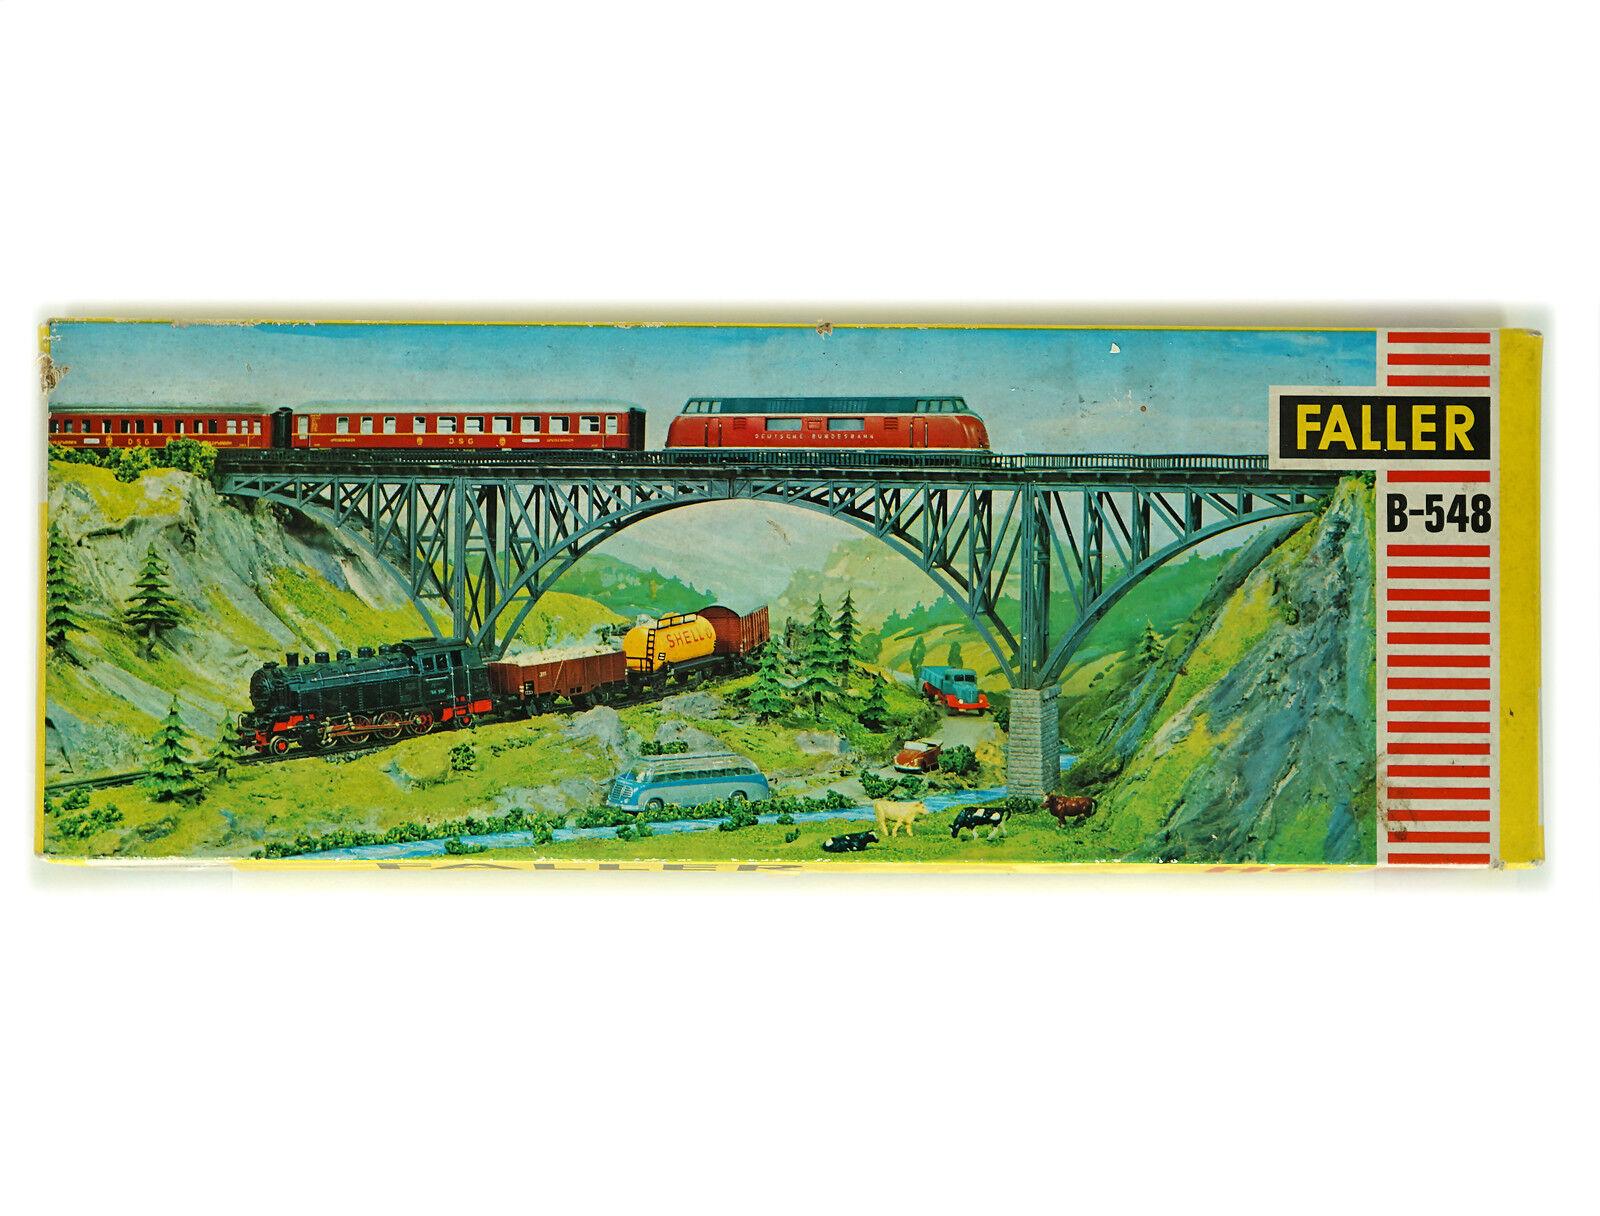 Antiguo Faller Escala Ho H0 B-548 Kit de puente de arco de acero, Nuevo Viejo Stock